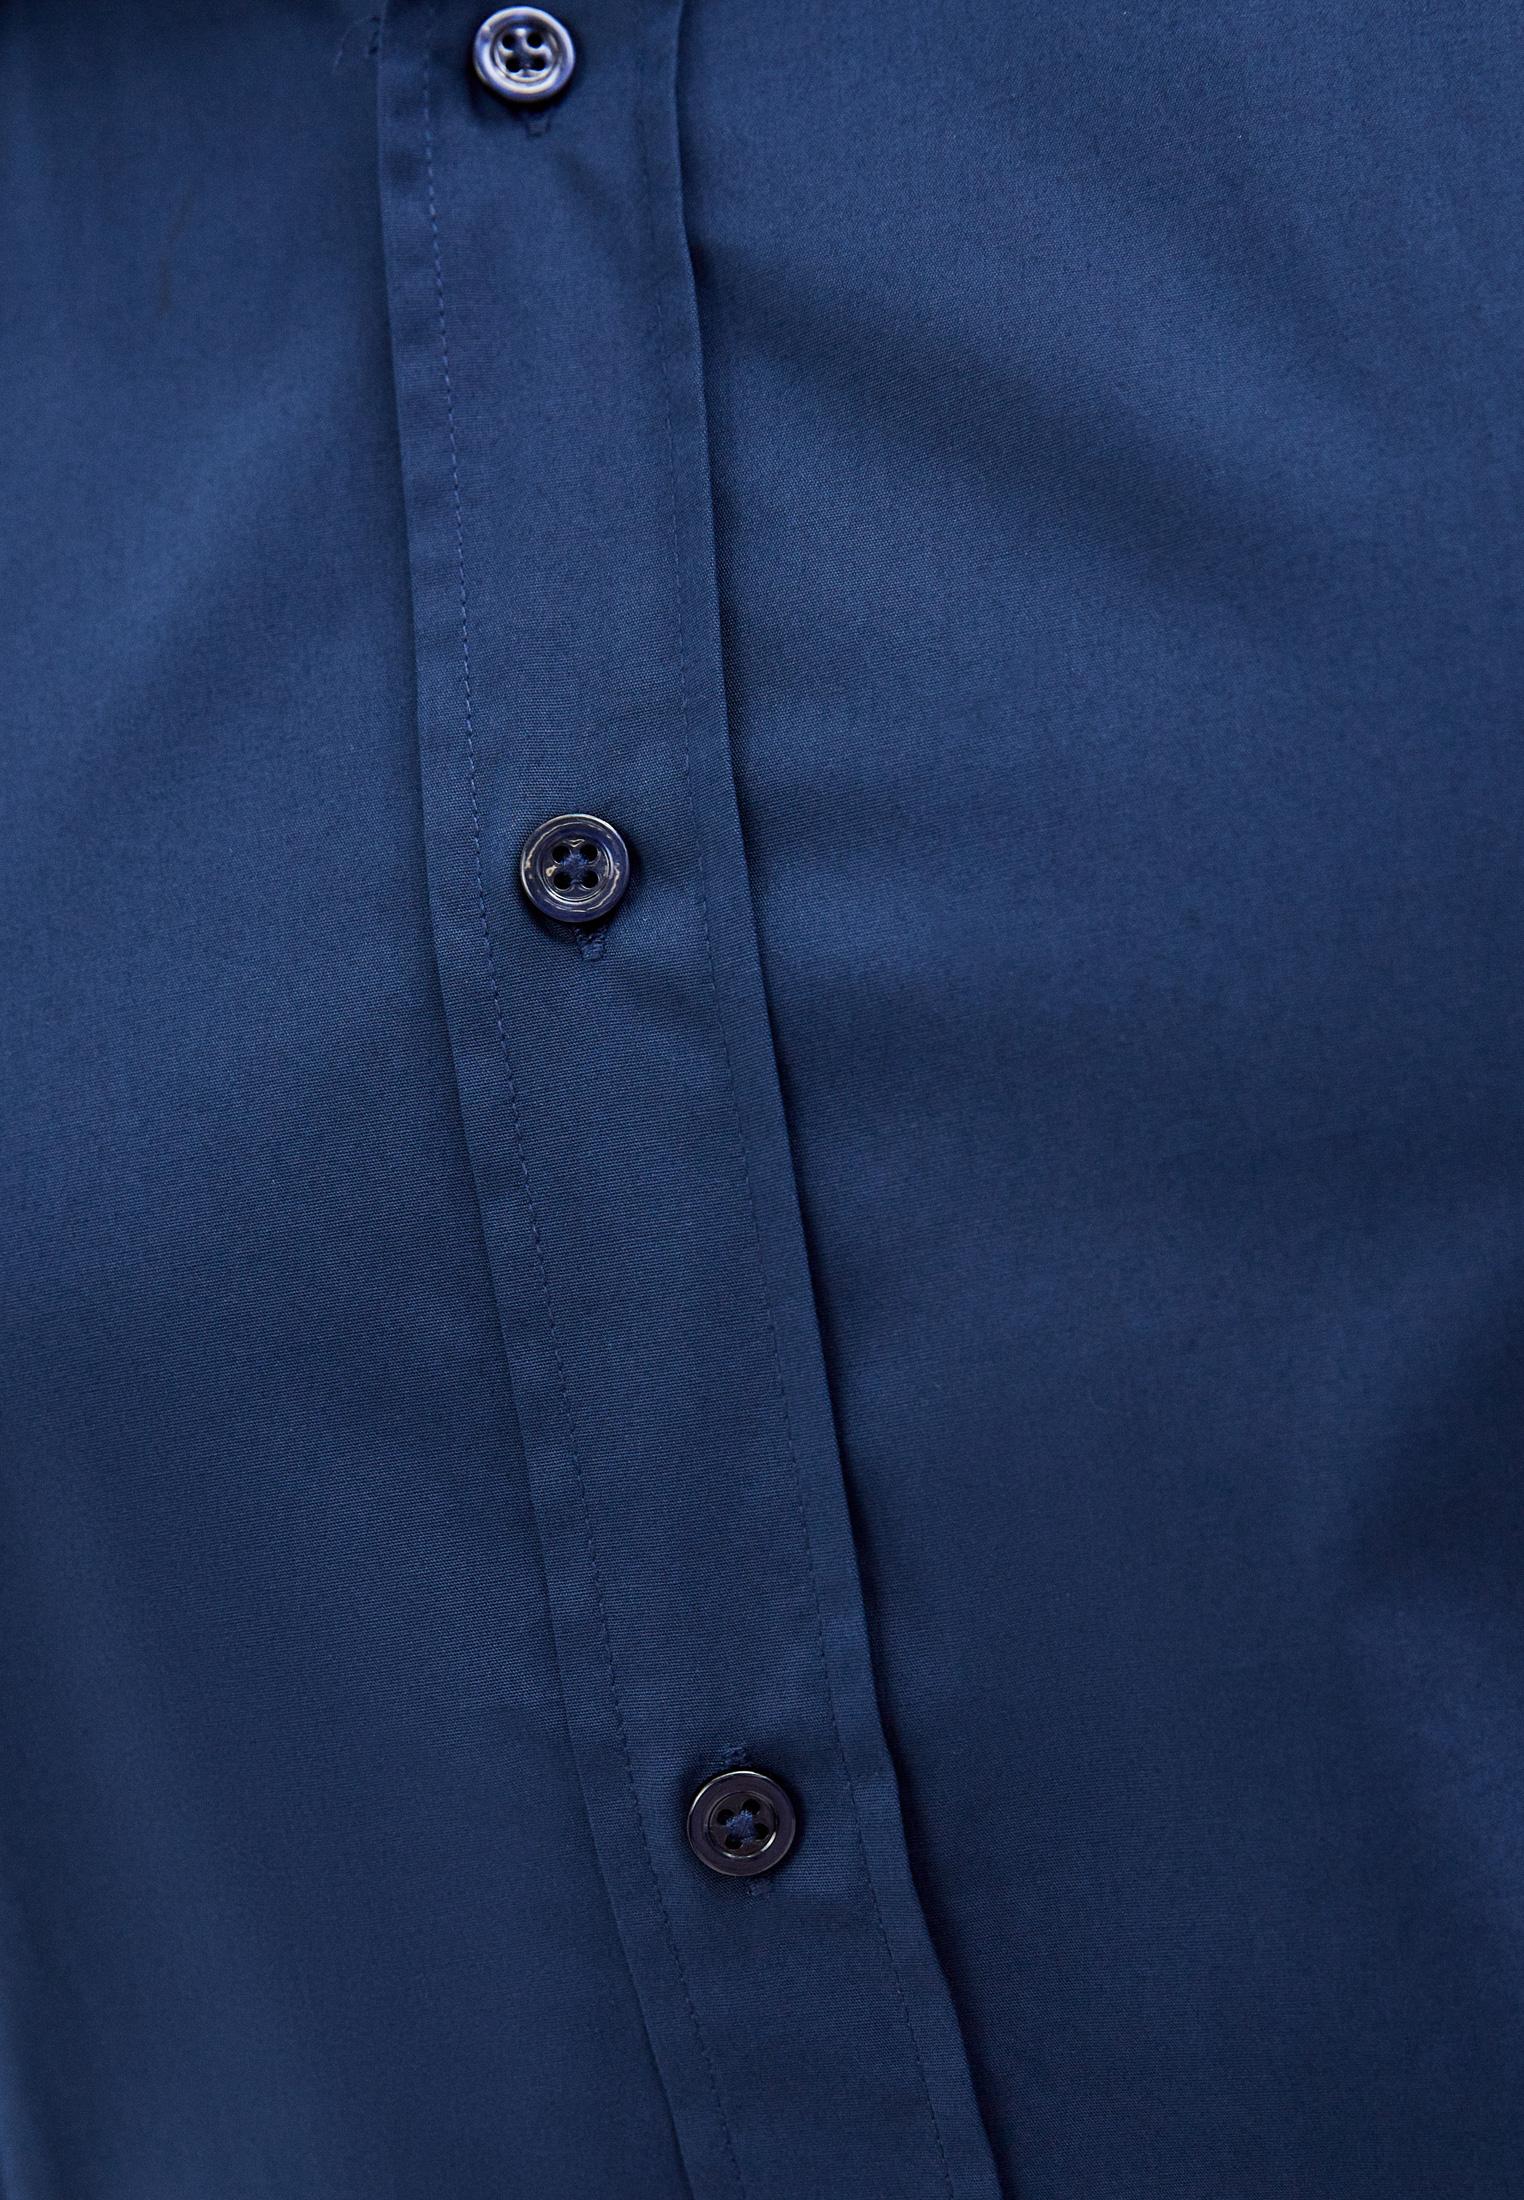 Рубашка с длинным рукавом Bikkembergs (Биккембергс) C C 055 81 S 2931: изображение 5